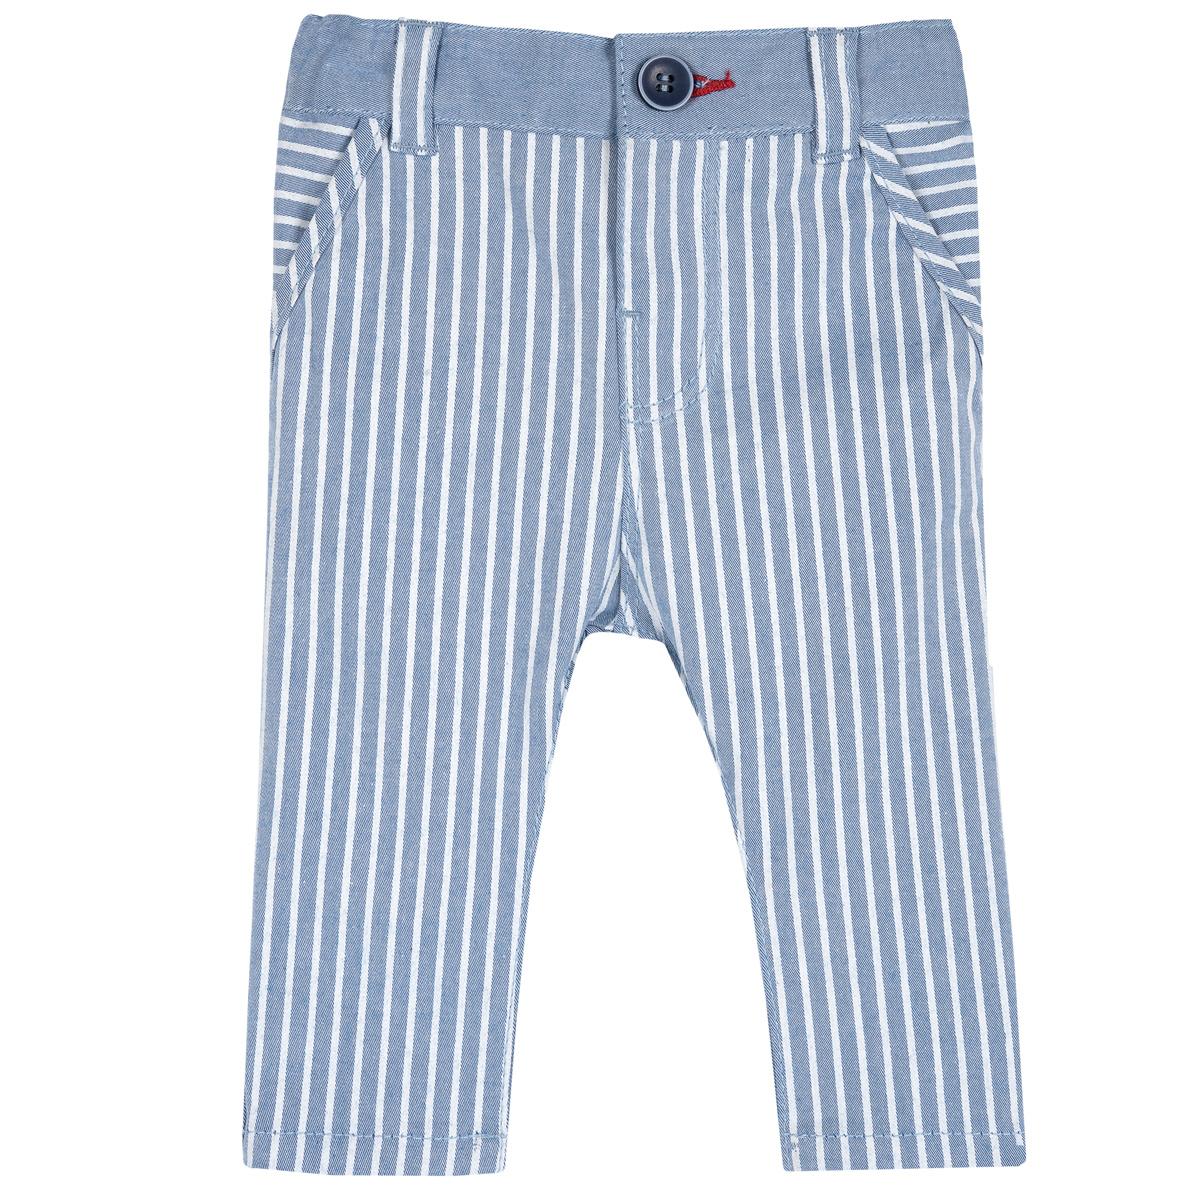 Pantaloni Lungi Pentru Copii, Chicco, Turcoaz, 08111 imagine